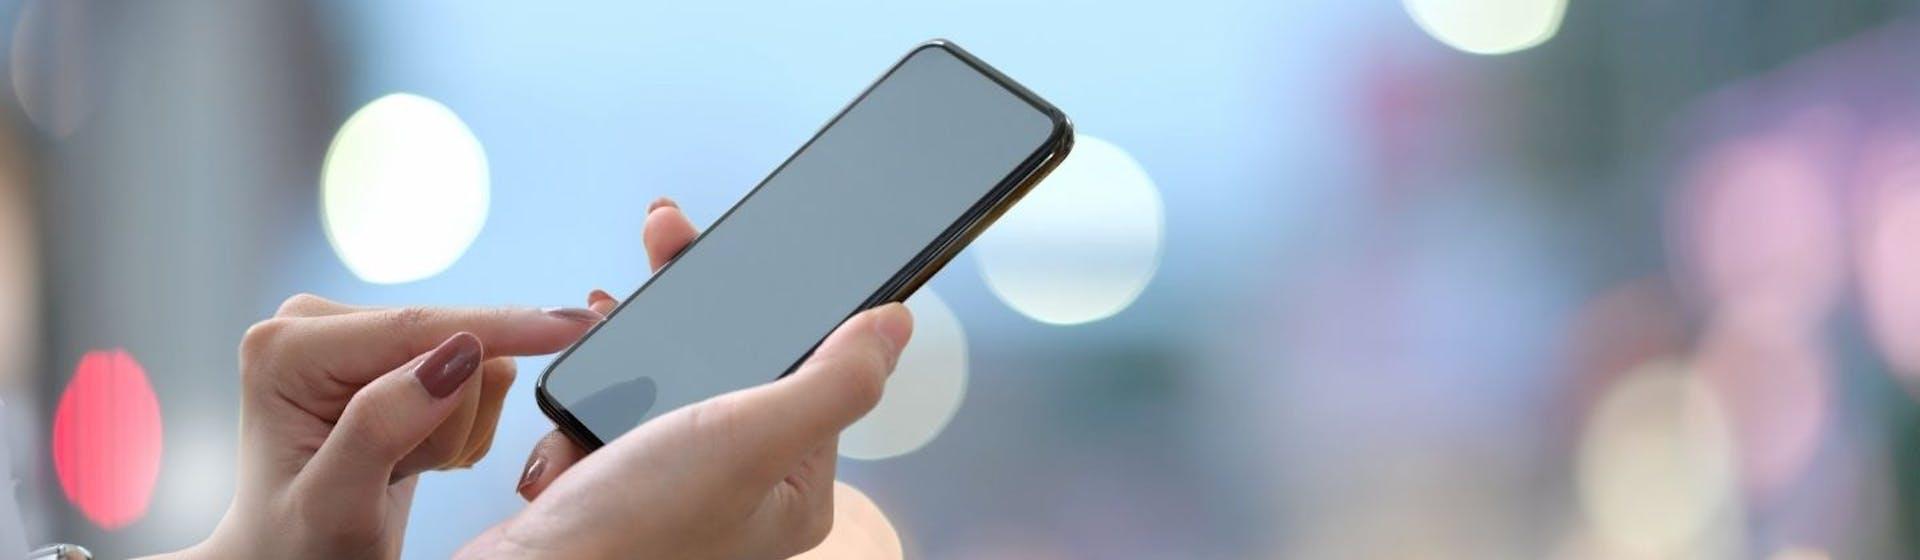 ¿Qué es VoWiFi? Conoce el servicio para hacer llamadas por WiFi